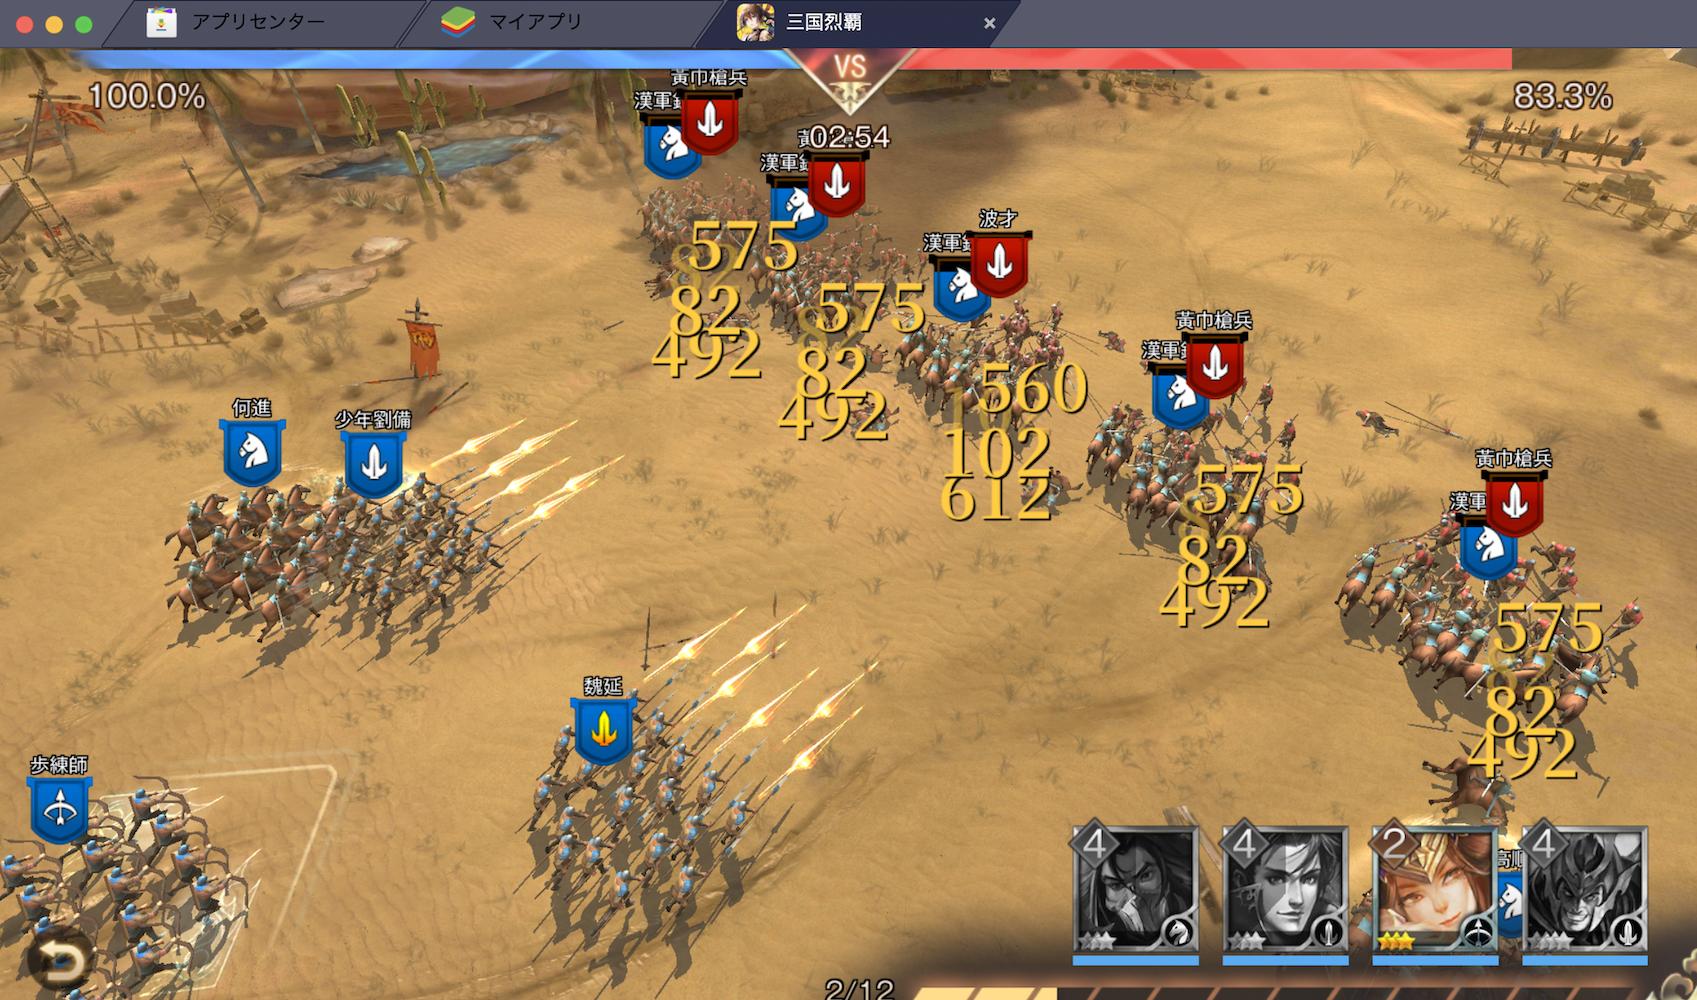 BlueStacksを使ってPCで『三国烈覇』を遊ぼう